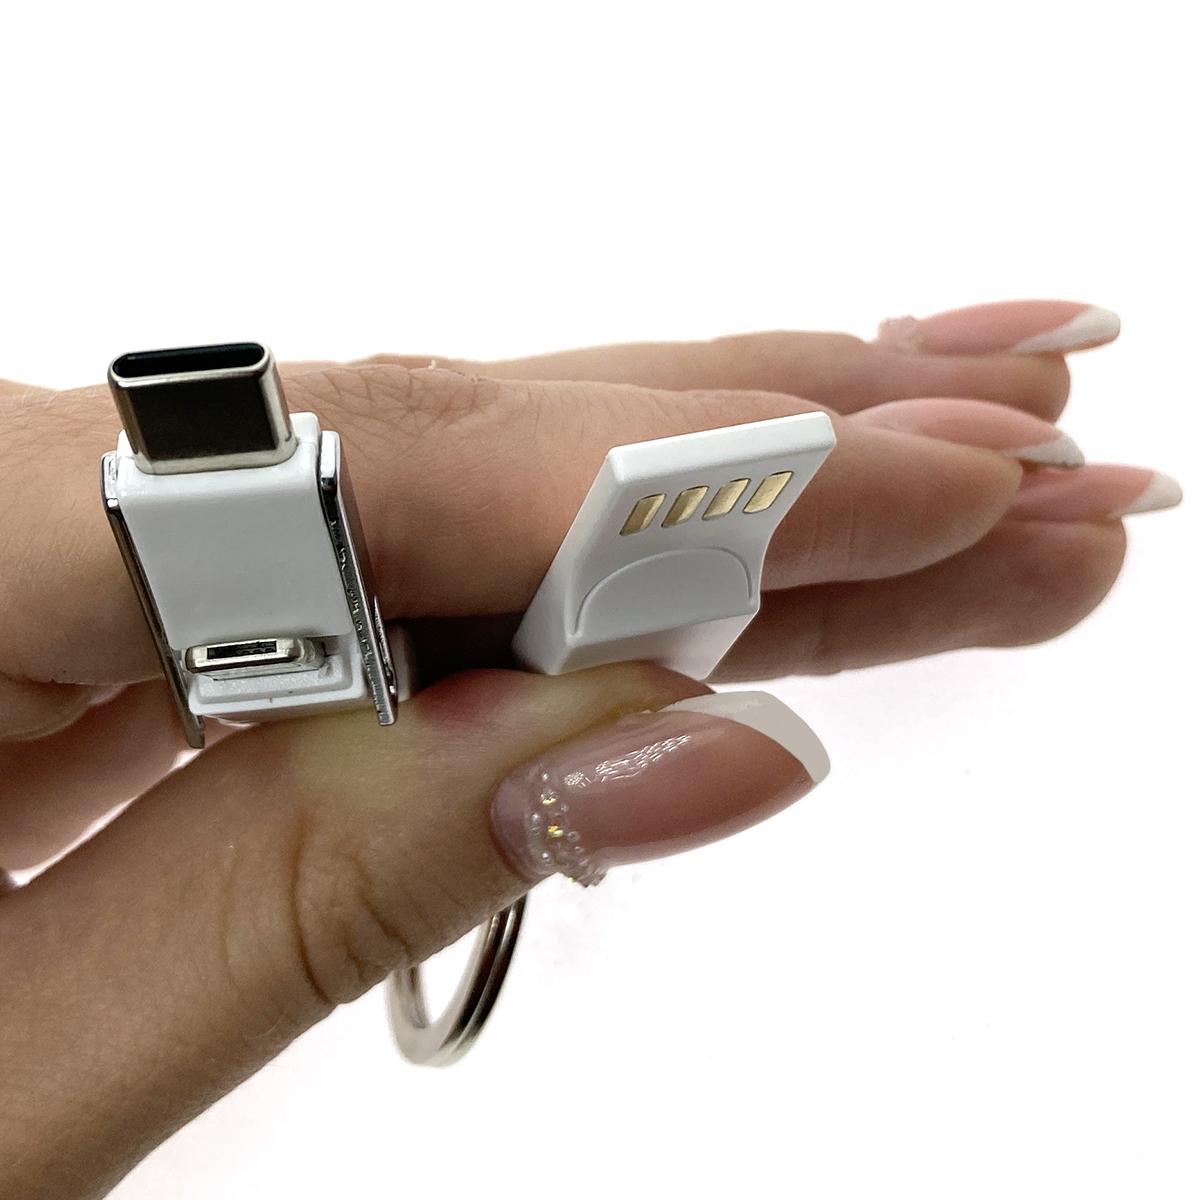 Универсальный брелок-переходник 3в1 USB 2.0 to Type C + micro USB + iphone Lightning 8pin, зеленый, Emagn3i1 Espada